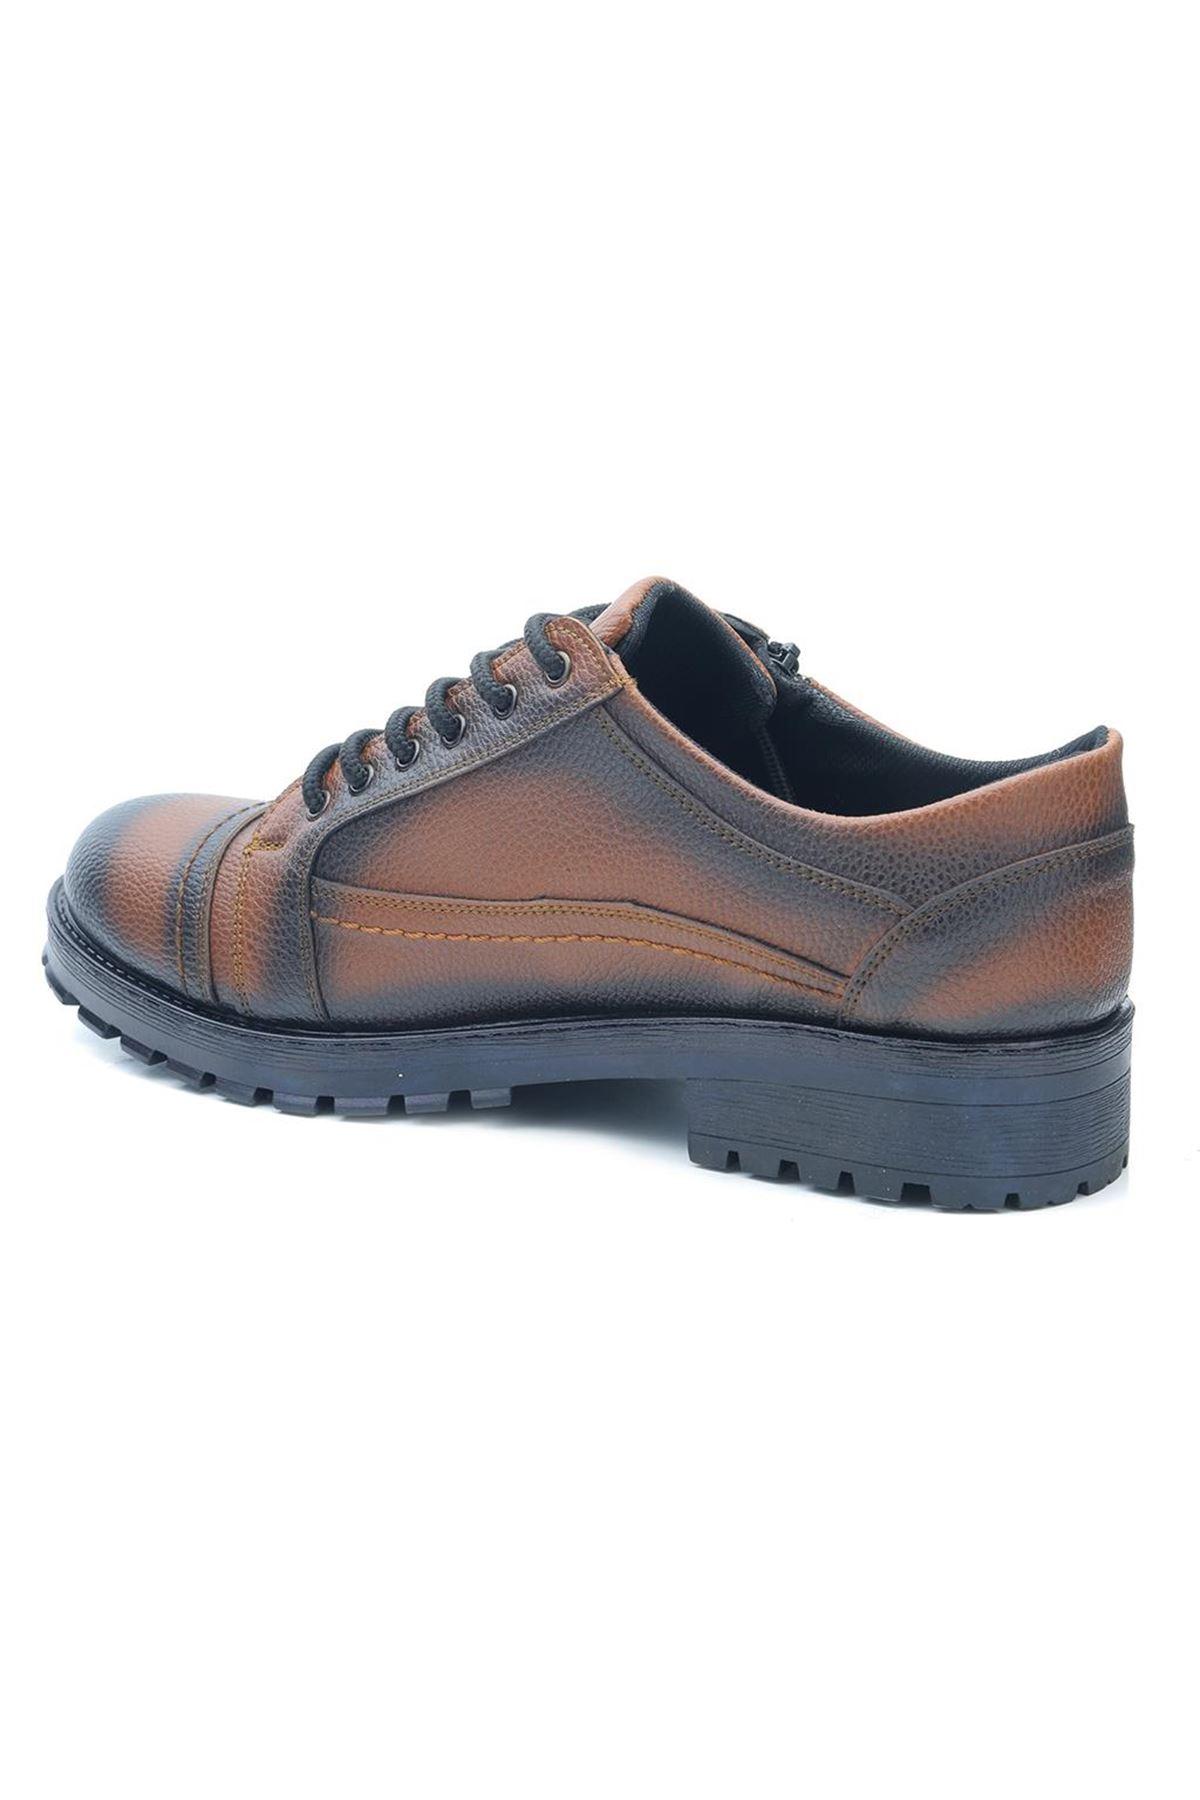 Man W221 Kışlık Günlük Erkek Ayakkabı